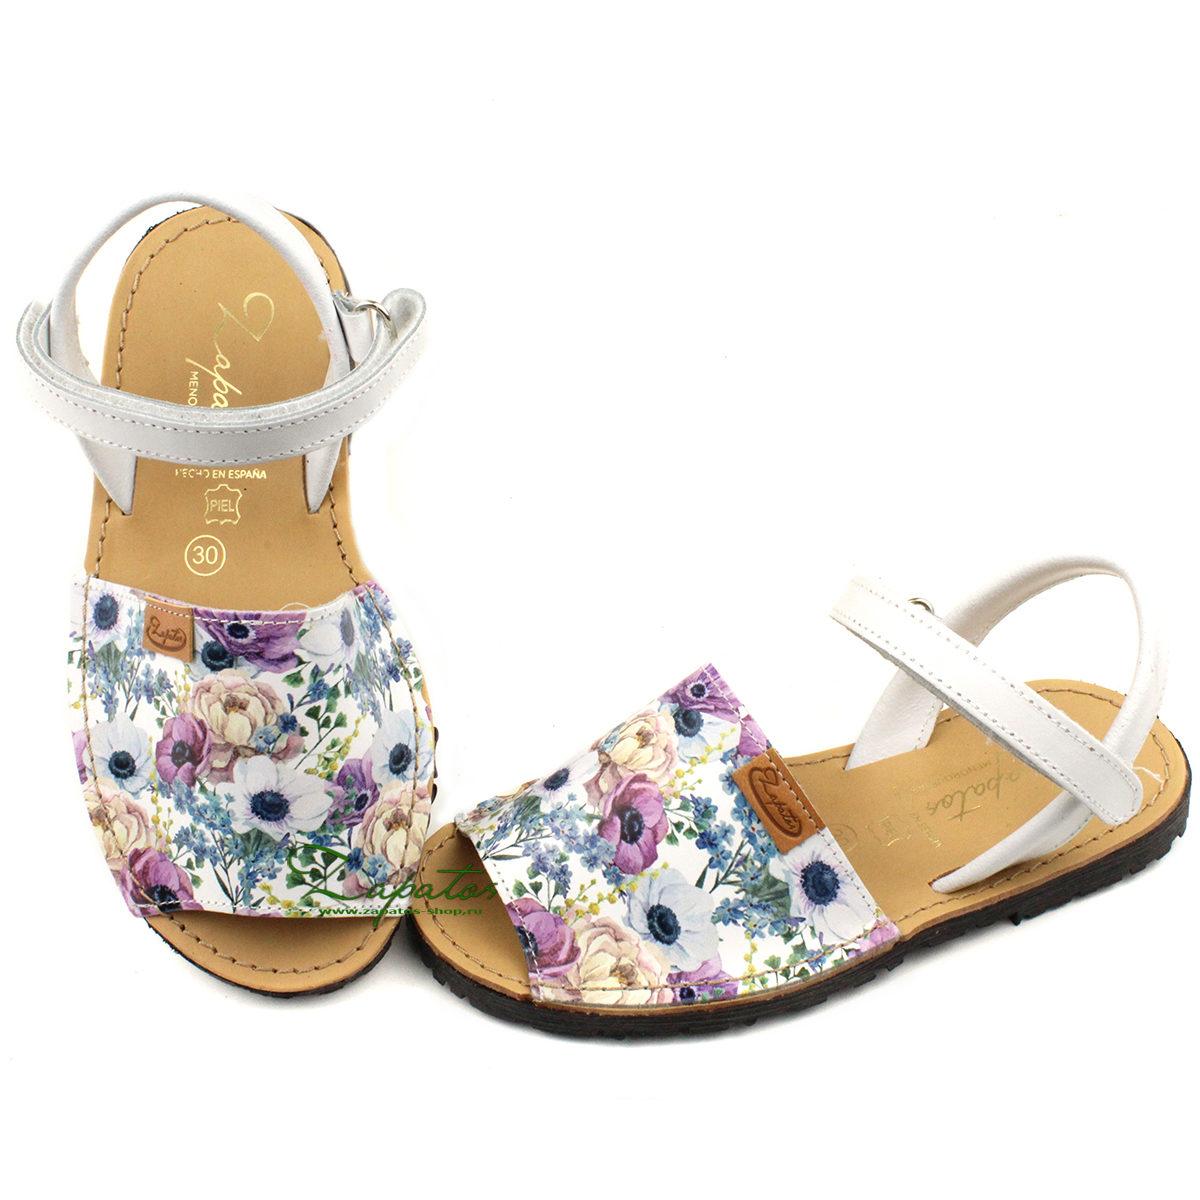 822f8b42 Детки! - Модная обувь из Испании-Пристрой. Любимые абаркасы. Только ...